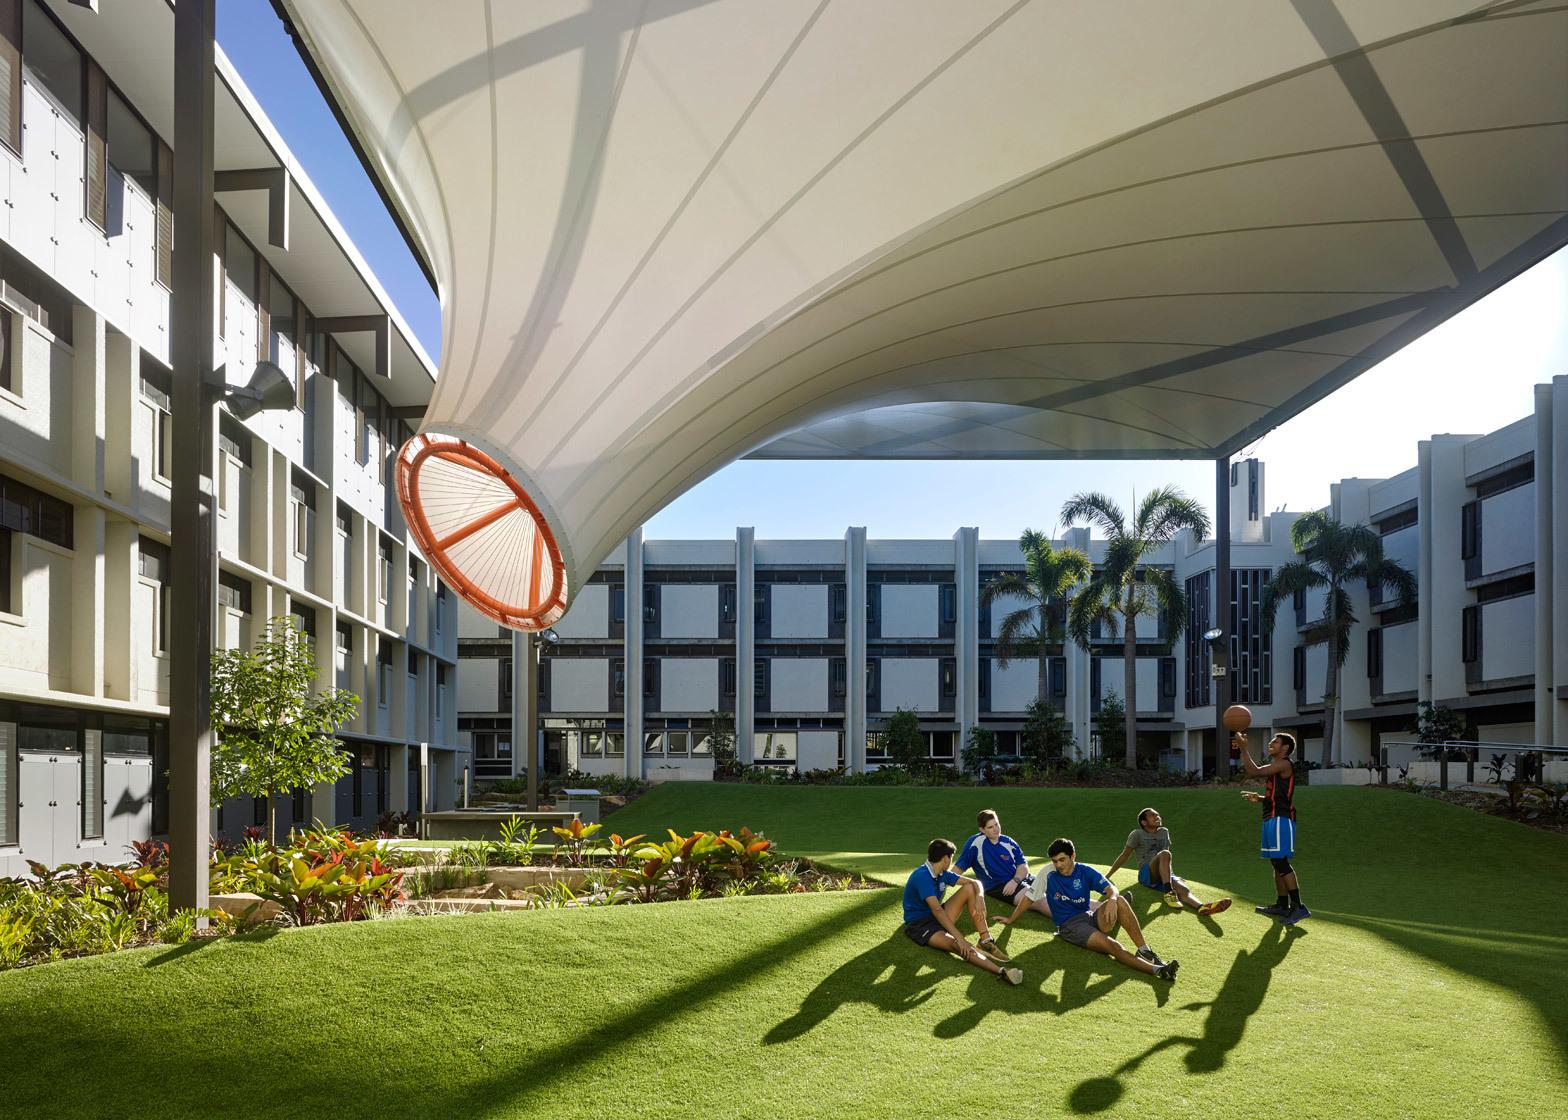 Лучшие фотографии архитектуры, конкурса Architectural Photography Awards 2015